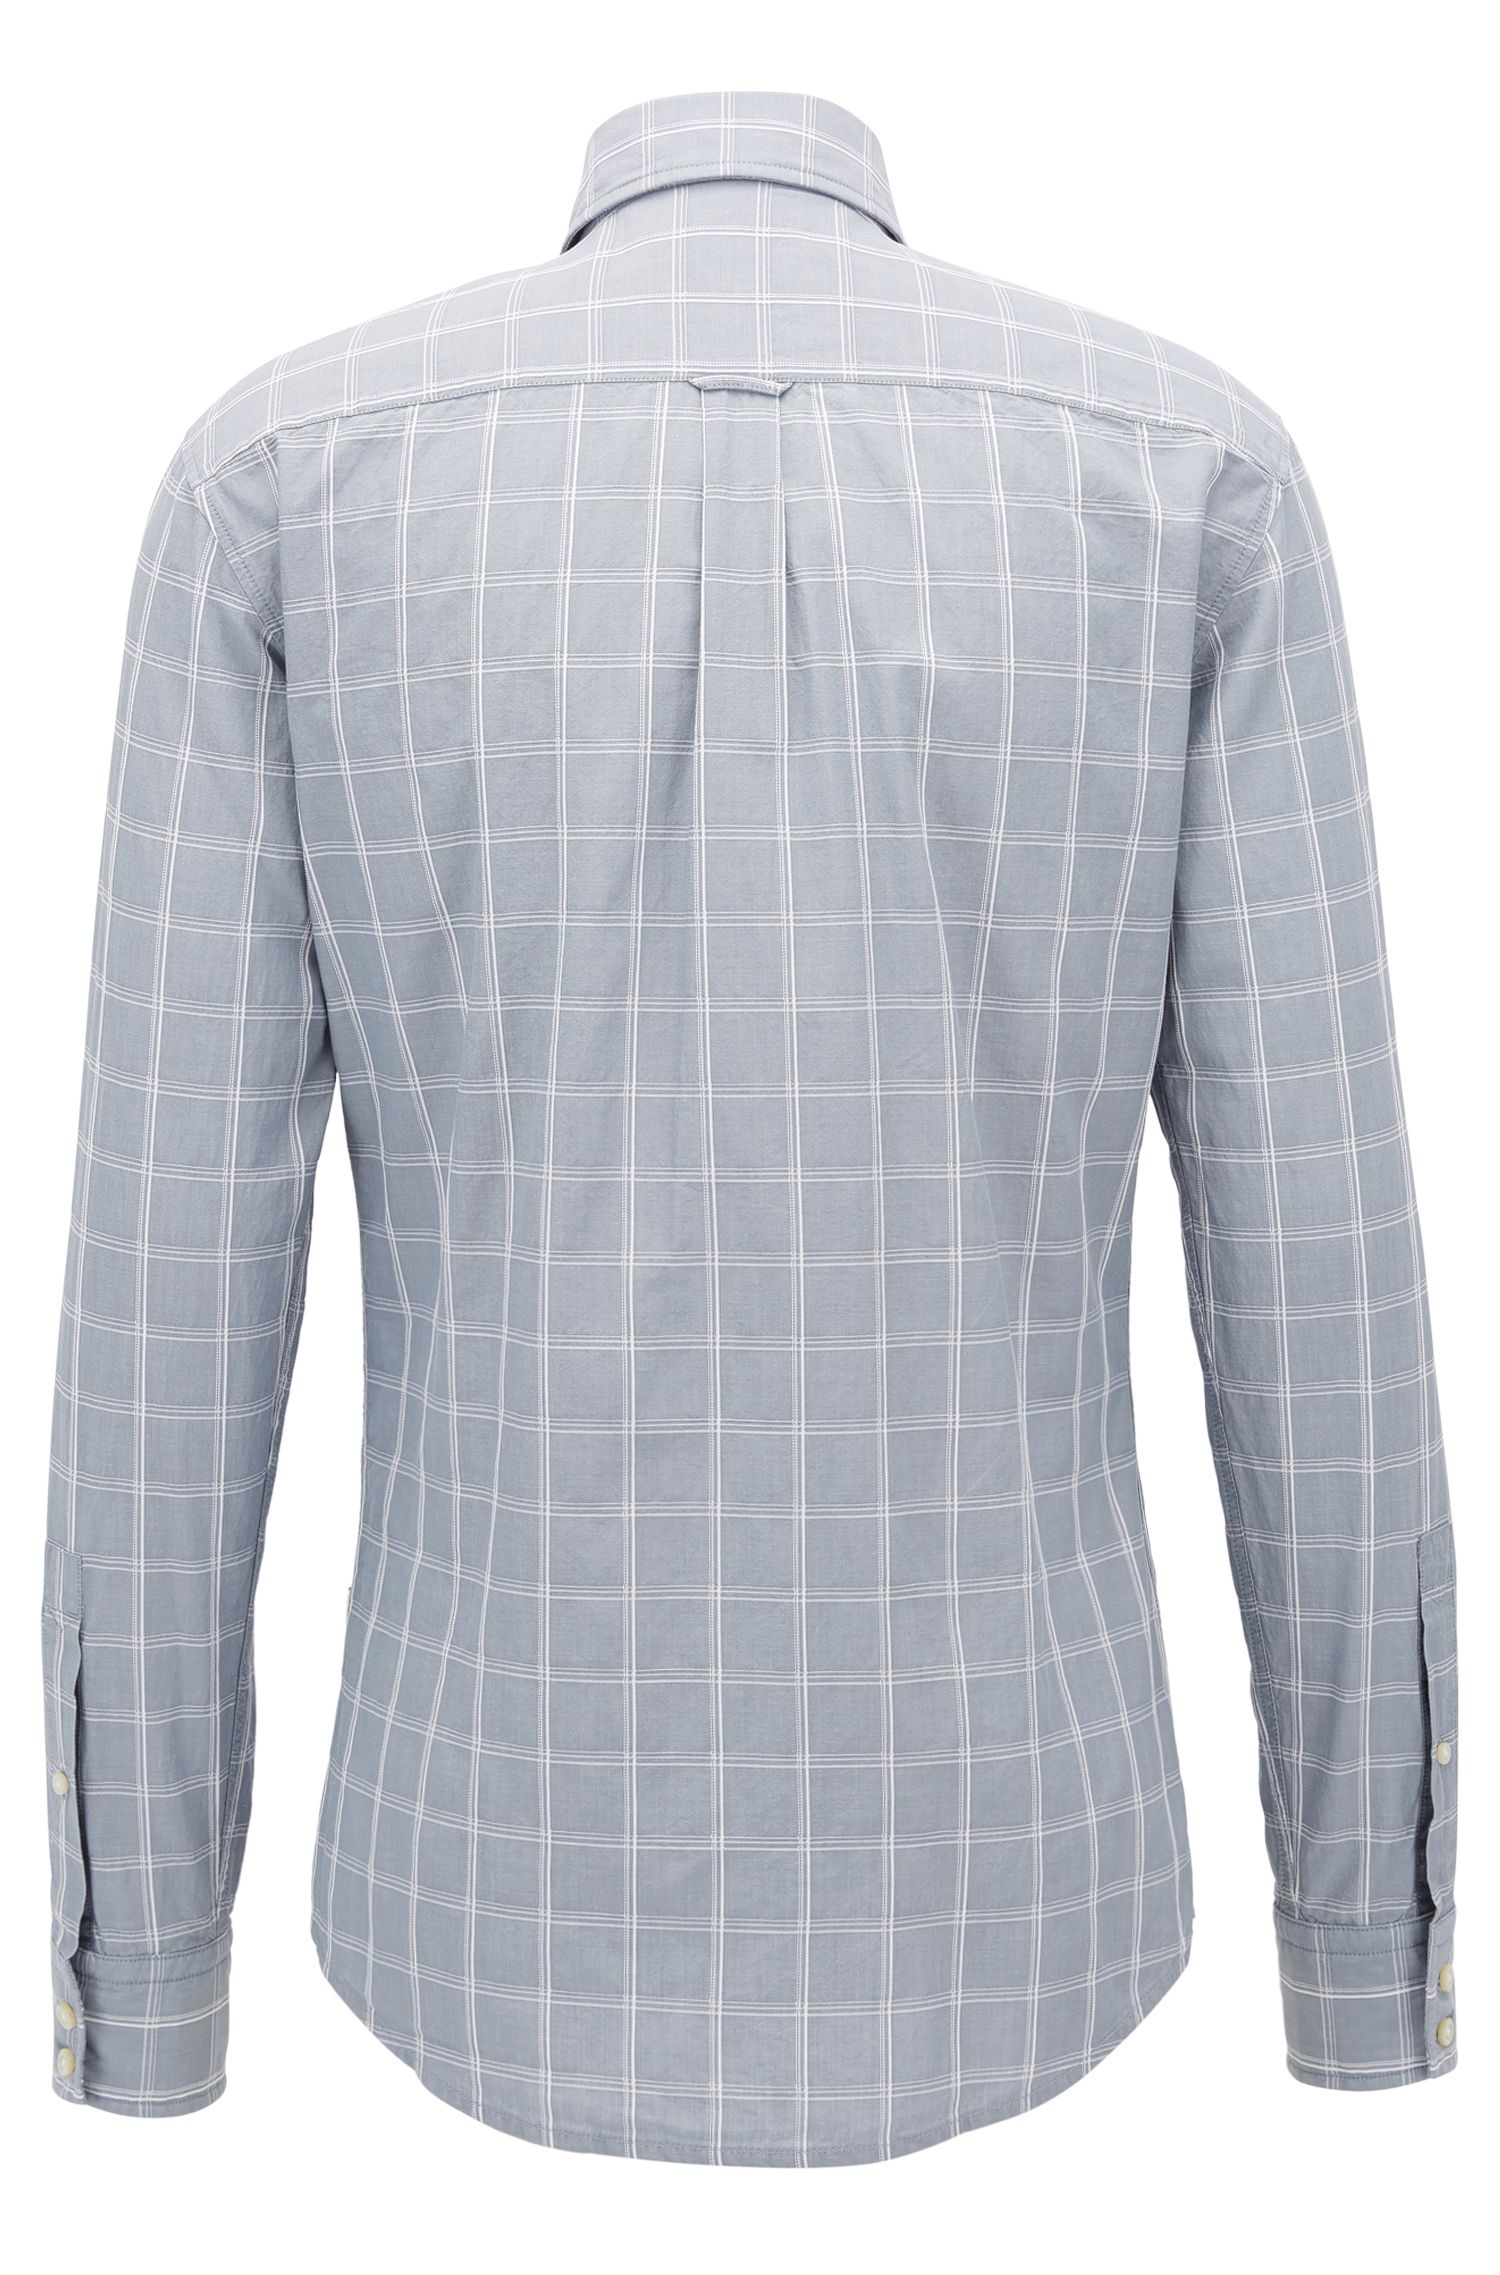 Slim-Fit Hemd aus strukturierter Baumwolle mit Glencheck-Muster